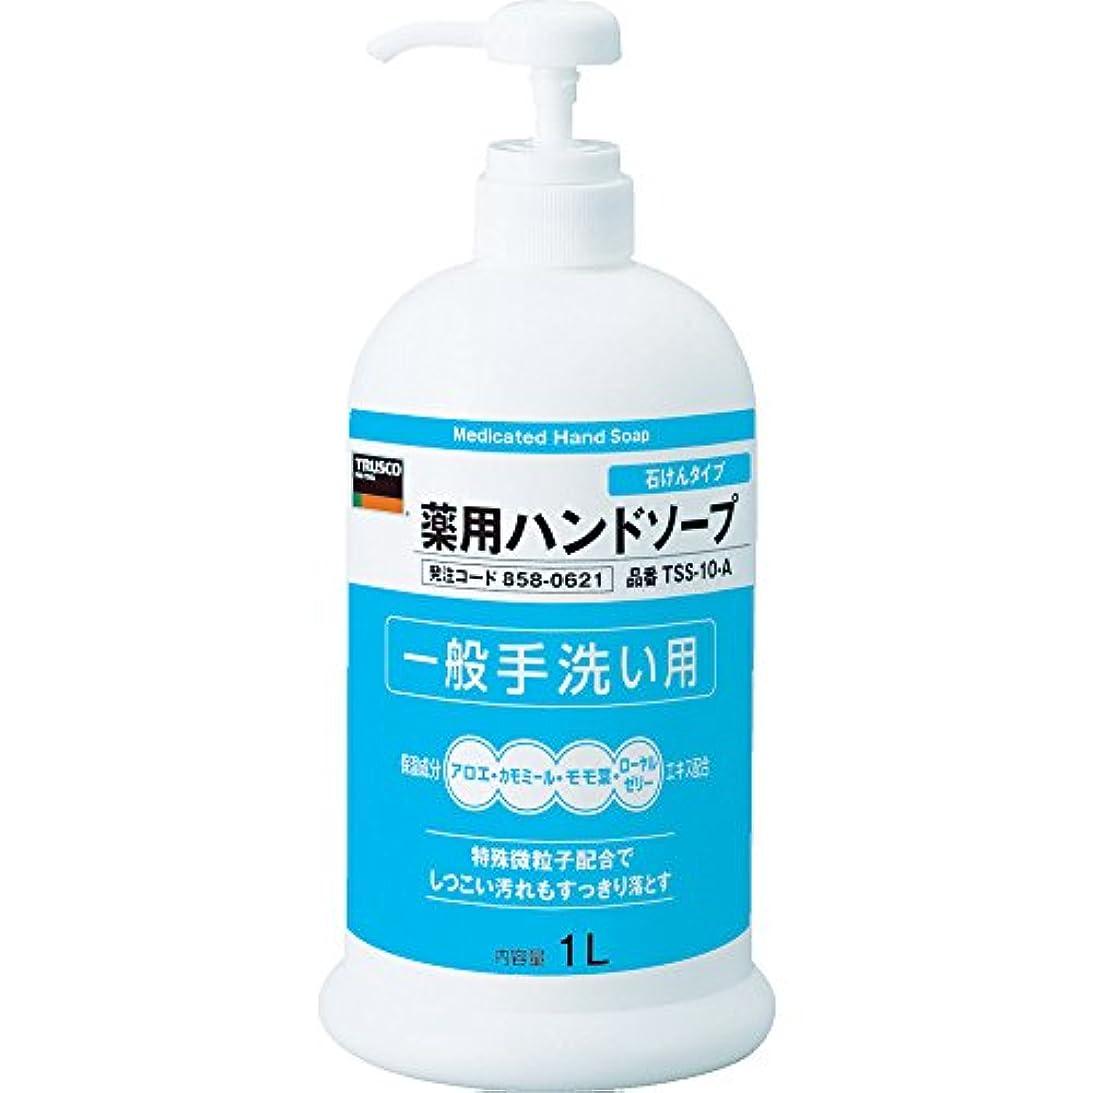 掻く助言する超えるTRUSCO(トラスコ) 薬用ハンドソープ 石けんタイプ ポンプボトル 1.0L TSS-10-A